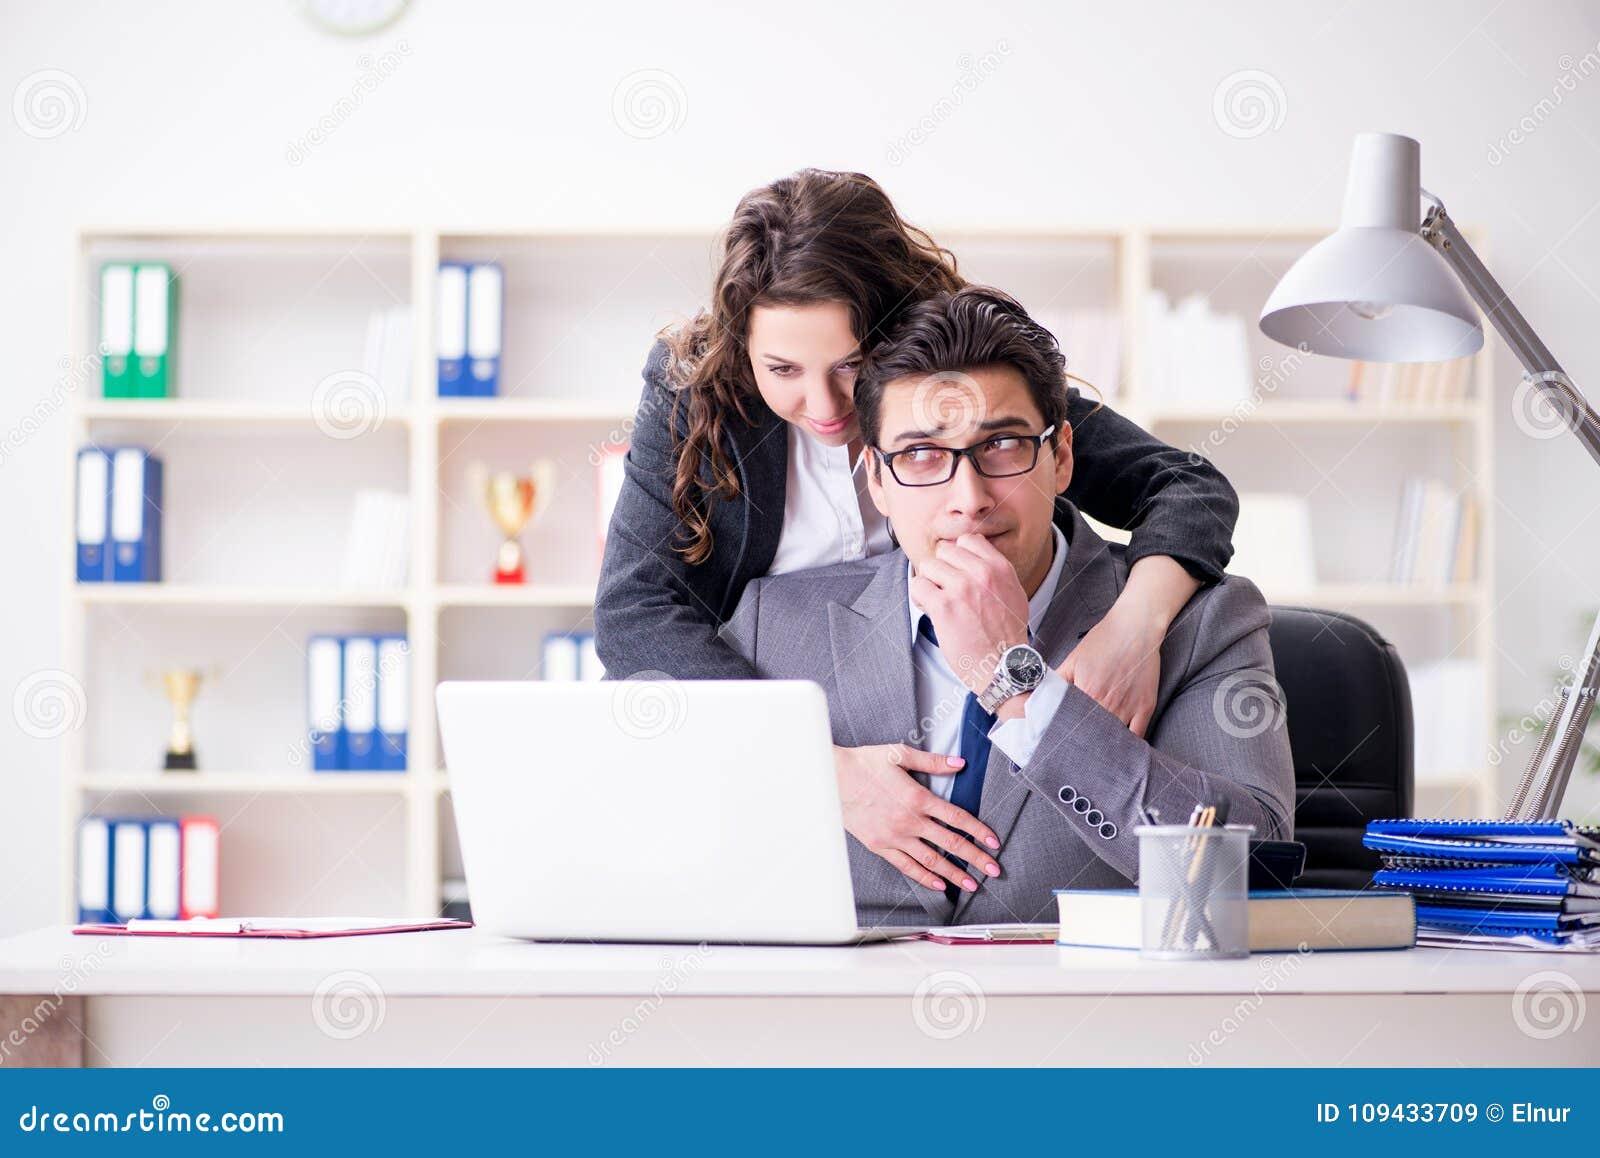 Офисные сексуальные домогательства